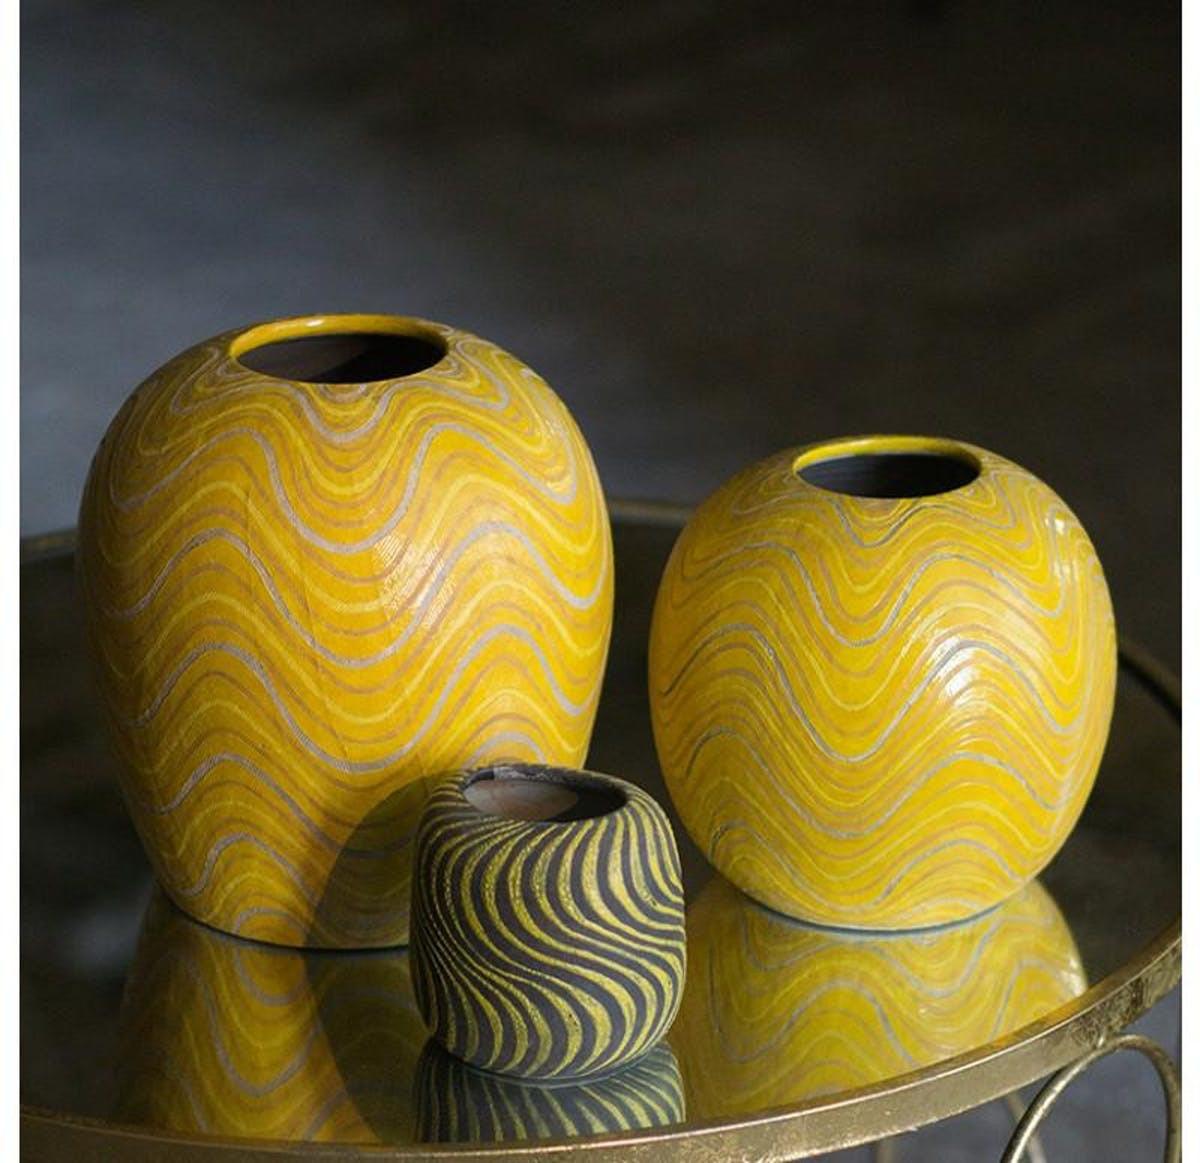 ceramic vase set of 3 of gold leaf design group sioux vase set of 3 modish store inside gold leaf design group sioux vase set of 3 vases gold leaf design group123